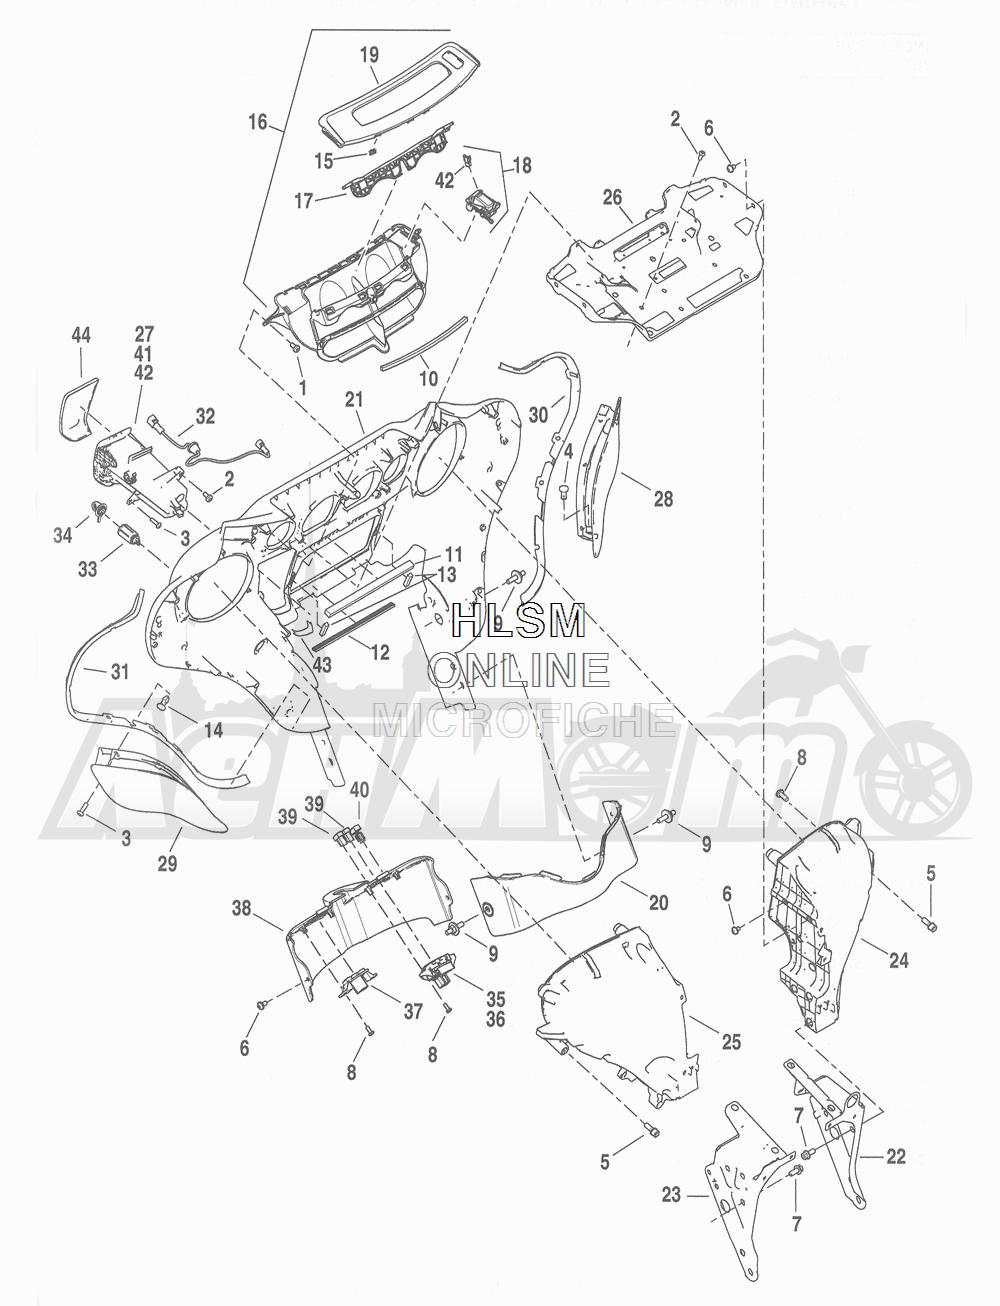 Запчасти для Мотоцикла Harley-Davidson 2016 FLHTCU TC ELECTRA GLIDE ULTRA CLASSIC (KSL) Раздел: FAIRING INNER | обтекатель внутренний